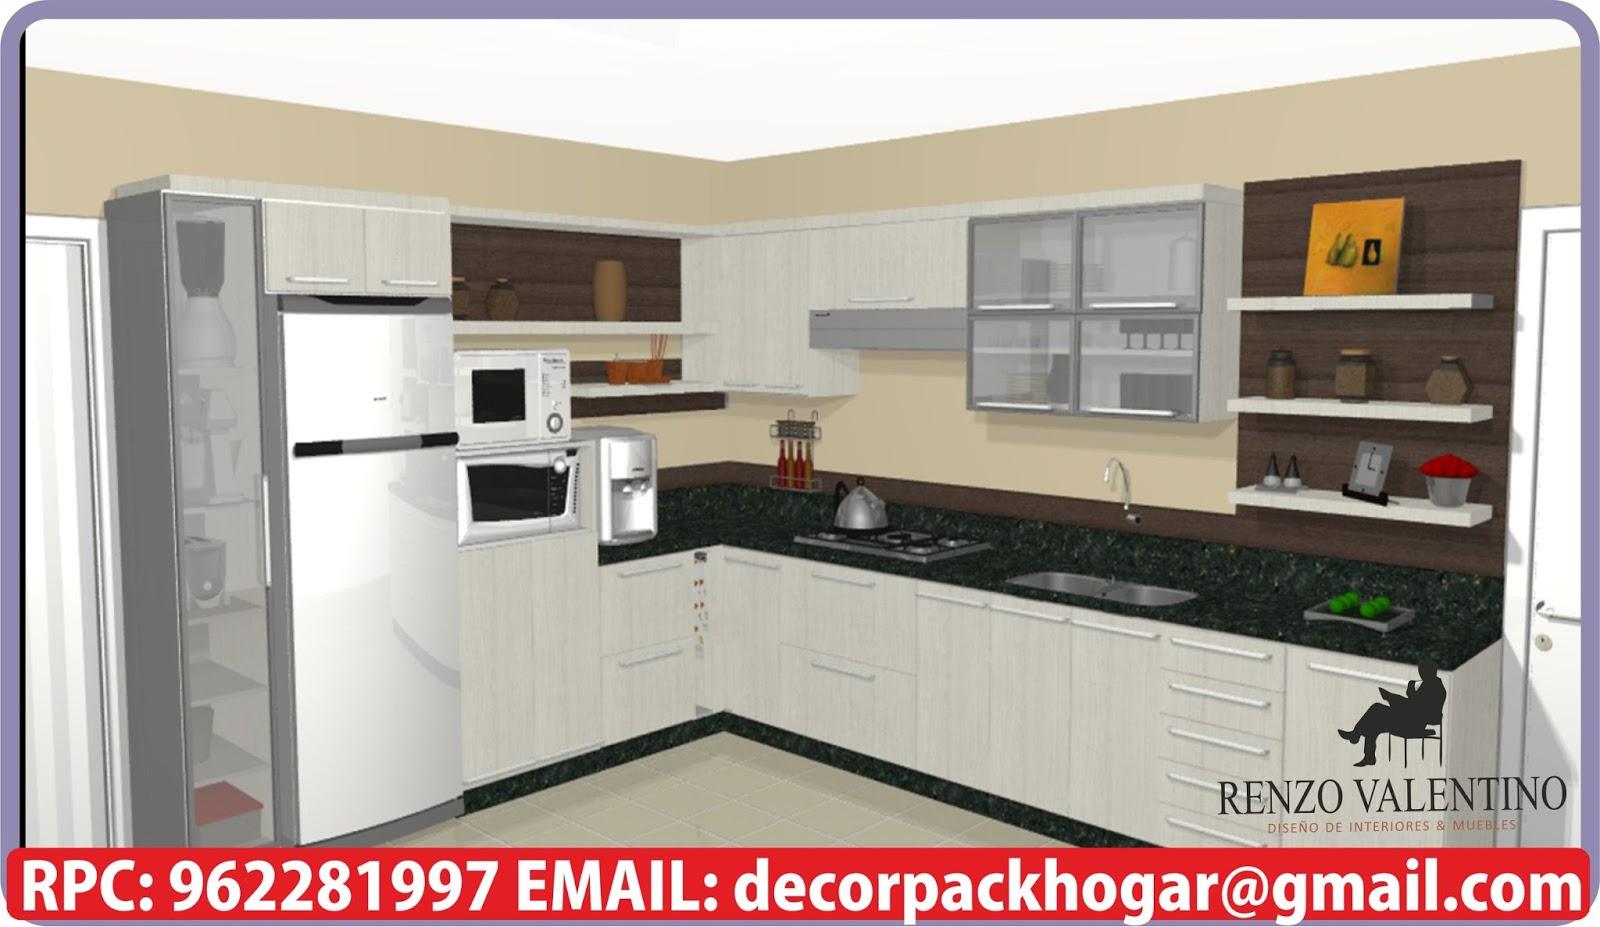 Dise os fabricacion de closet cocina y muebles de oficina for Fabricacion muebles de cocina